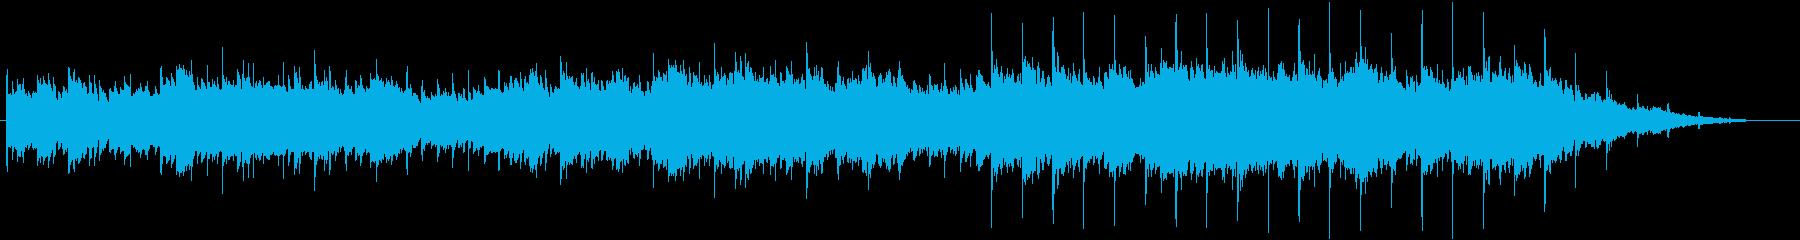 悲しい雰囲気のシンプルなギターアルペジオの再生済みの波形